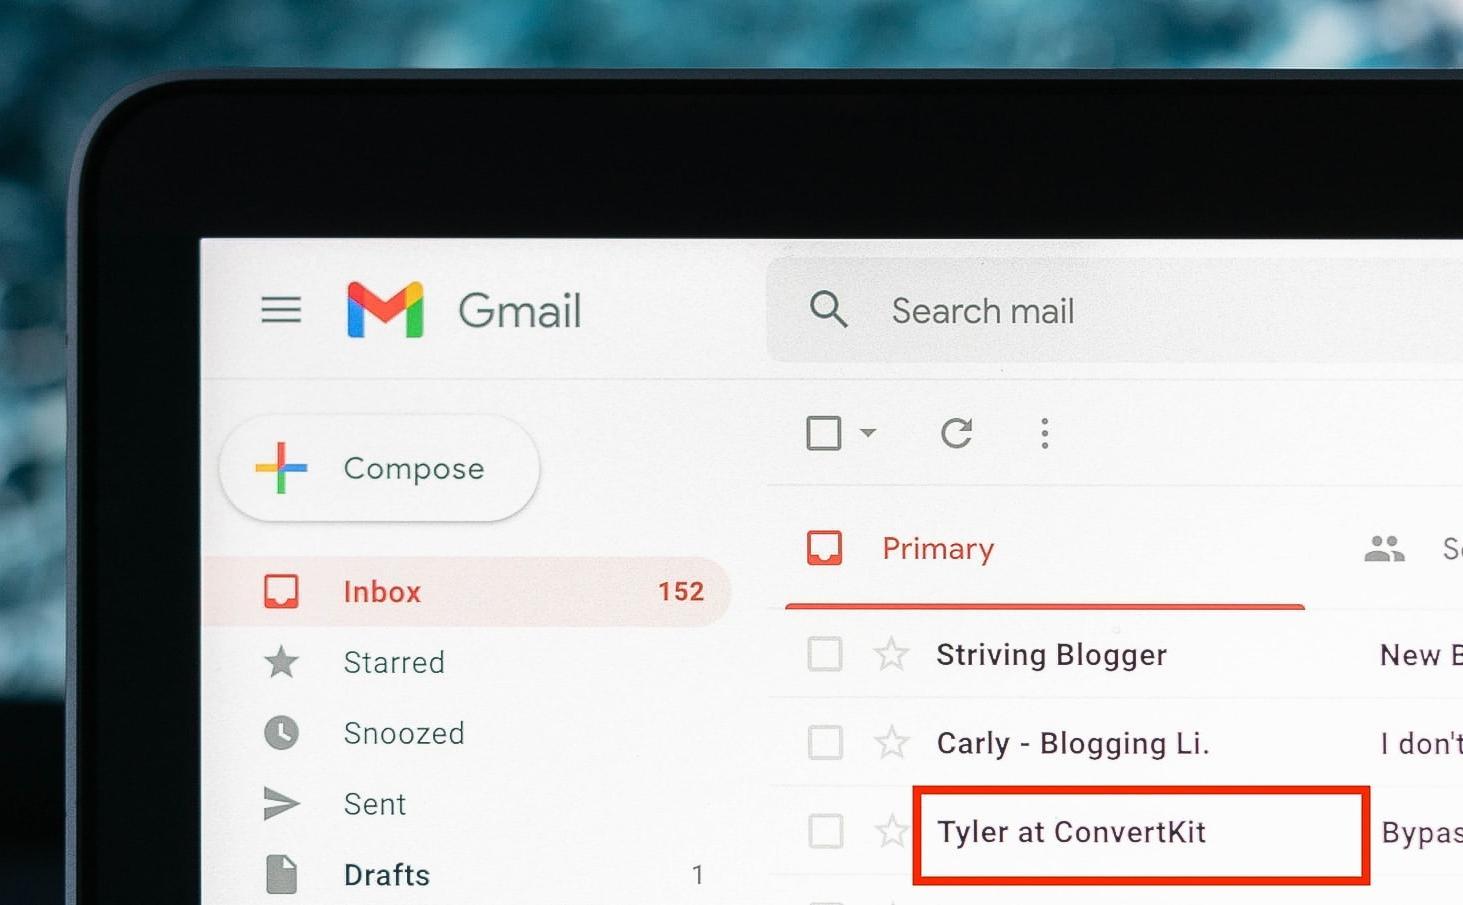 show the newsletter sender name